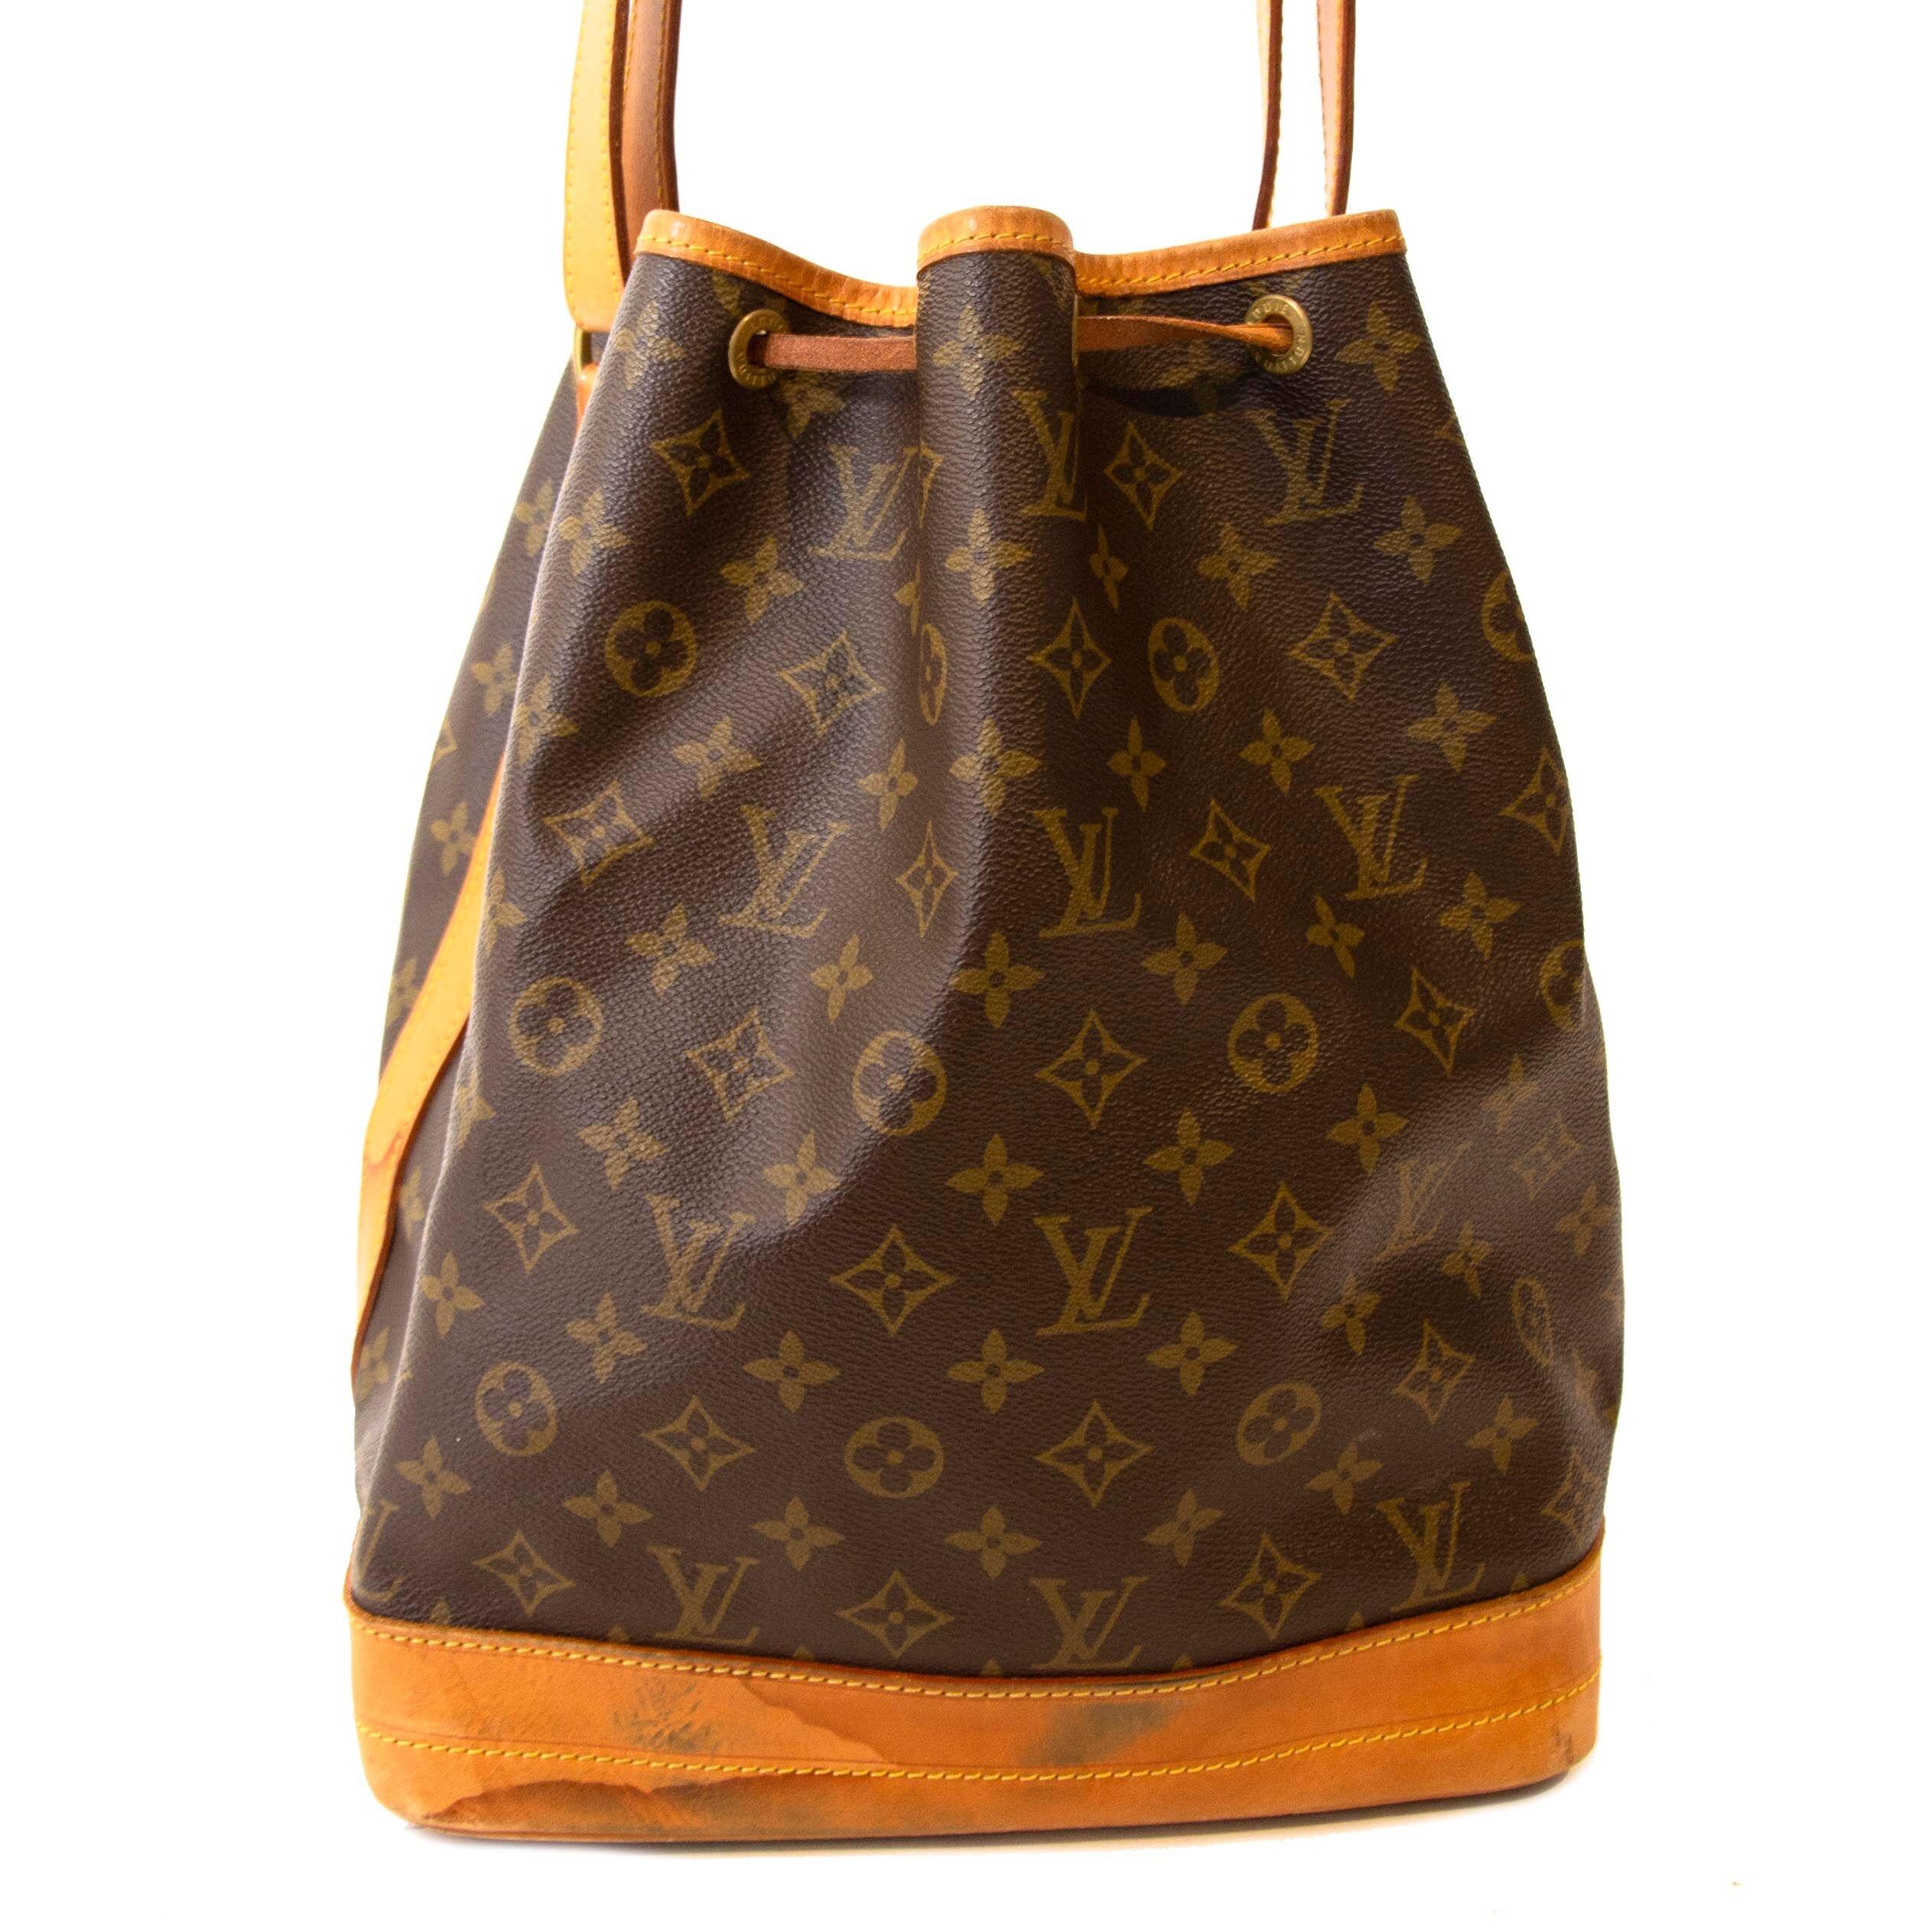 82e1a896f118 Louis Vuitton Monogram Noé Bucket Bag Buy secondhand Louis Vuitton handbags at  Labellov.